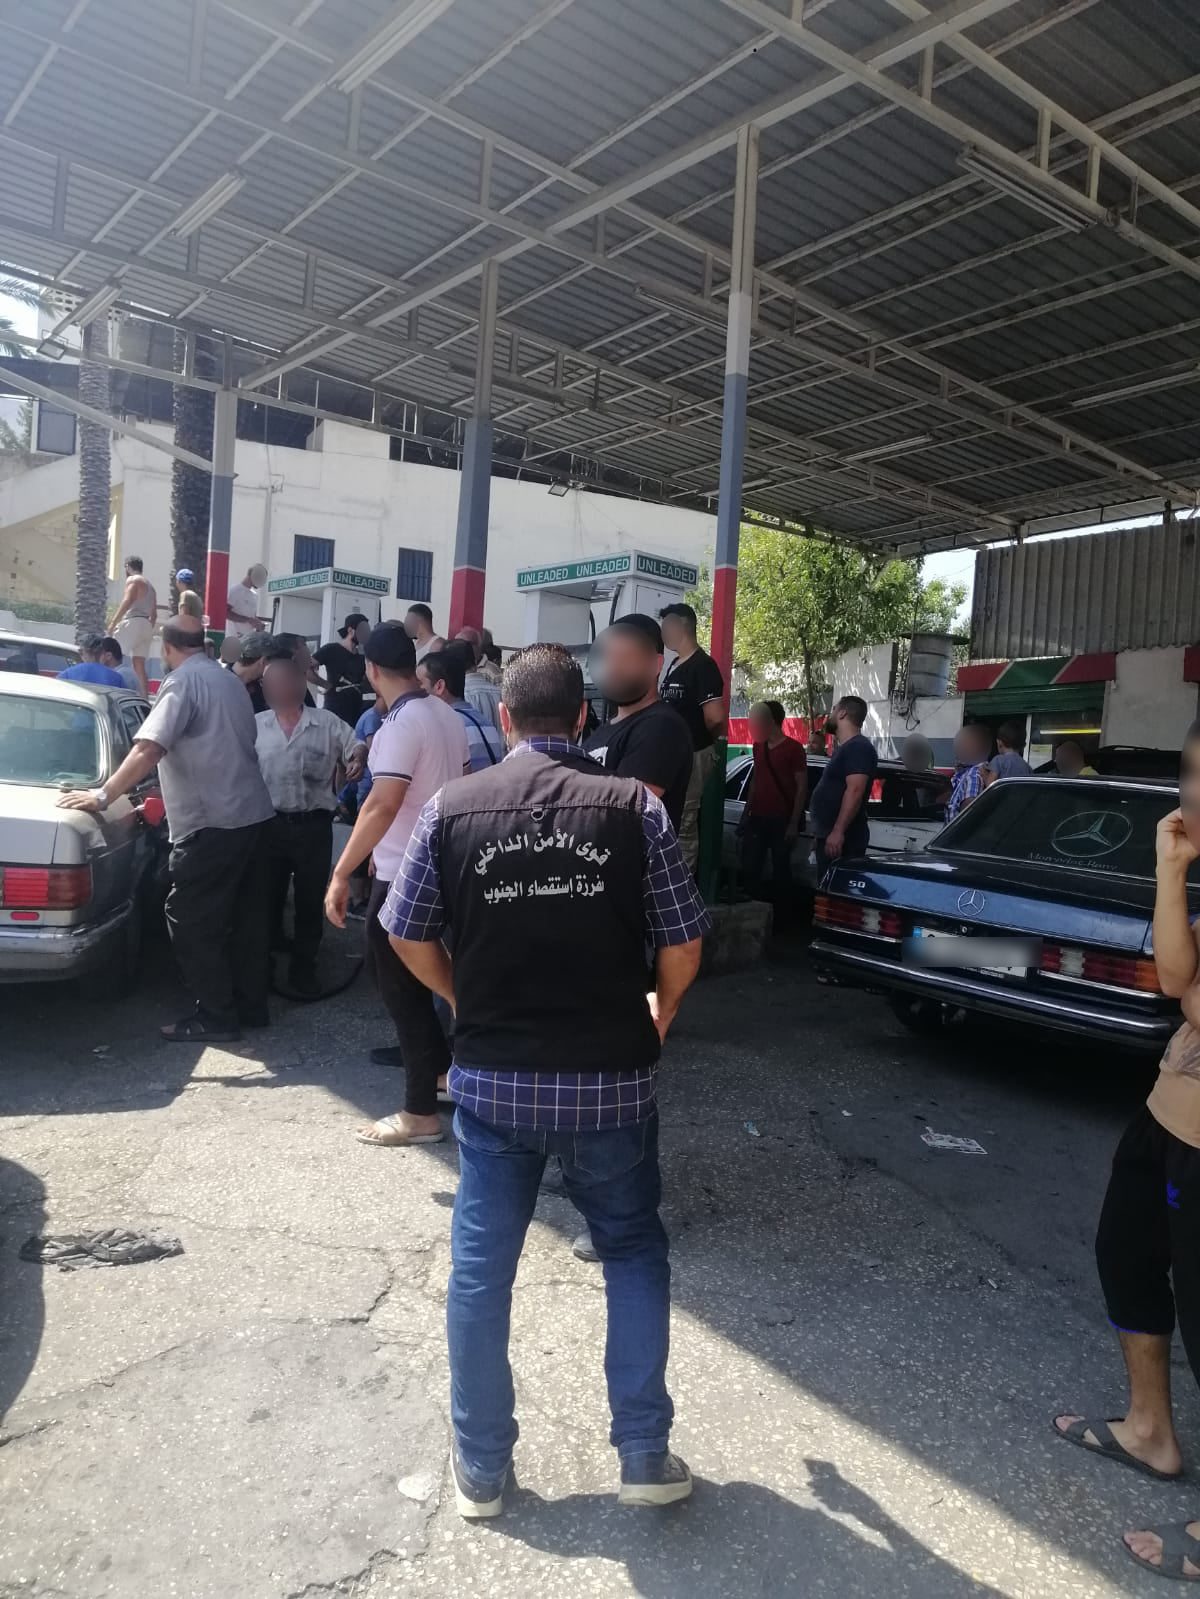 في لبنان.. السلطات تلقي القبض على سوري باع صغيره وتتخذ بحقه هذا الإجراء